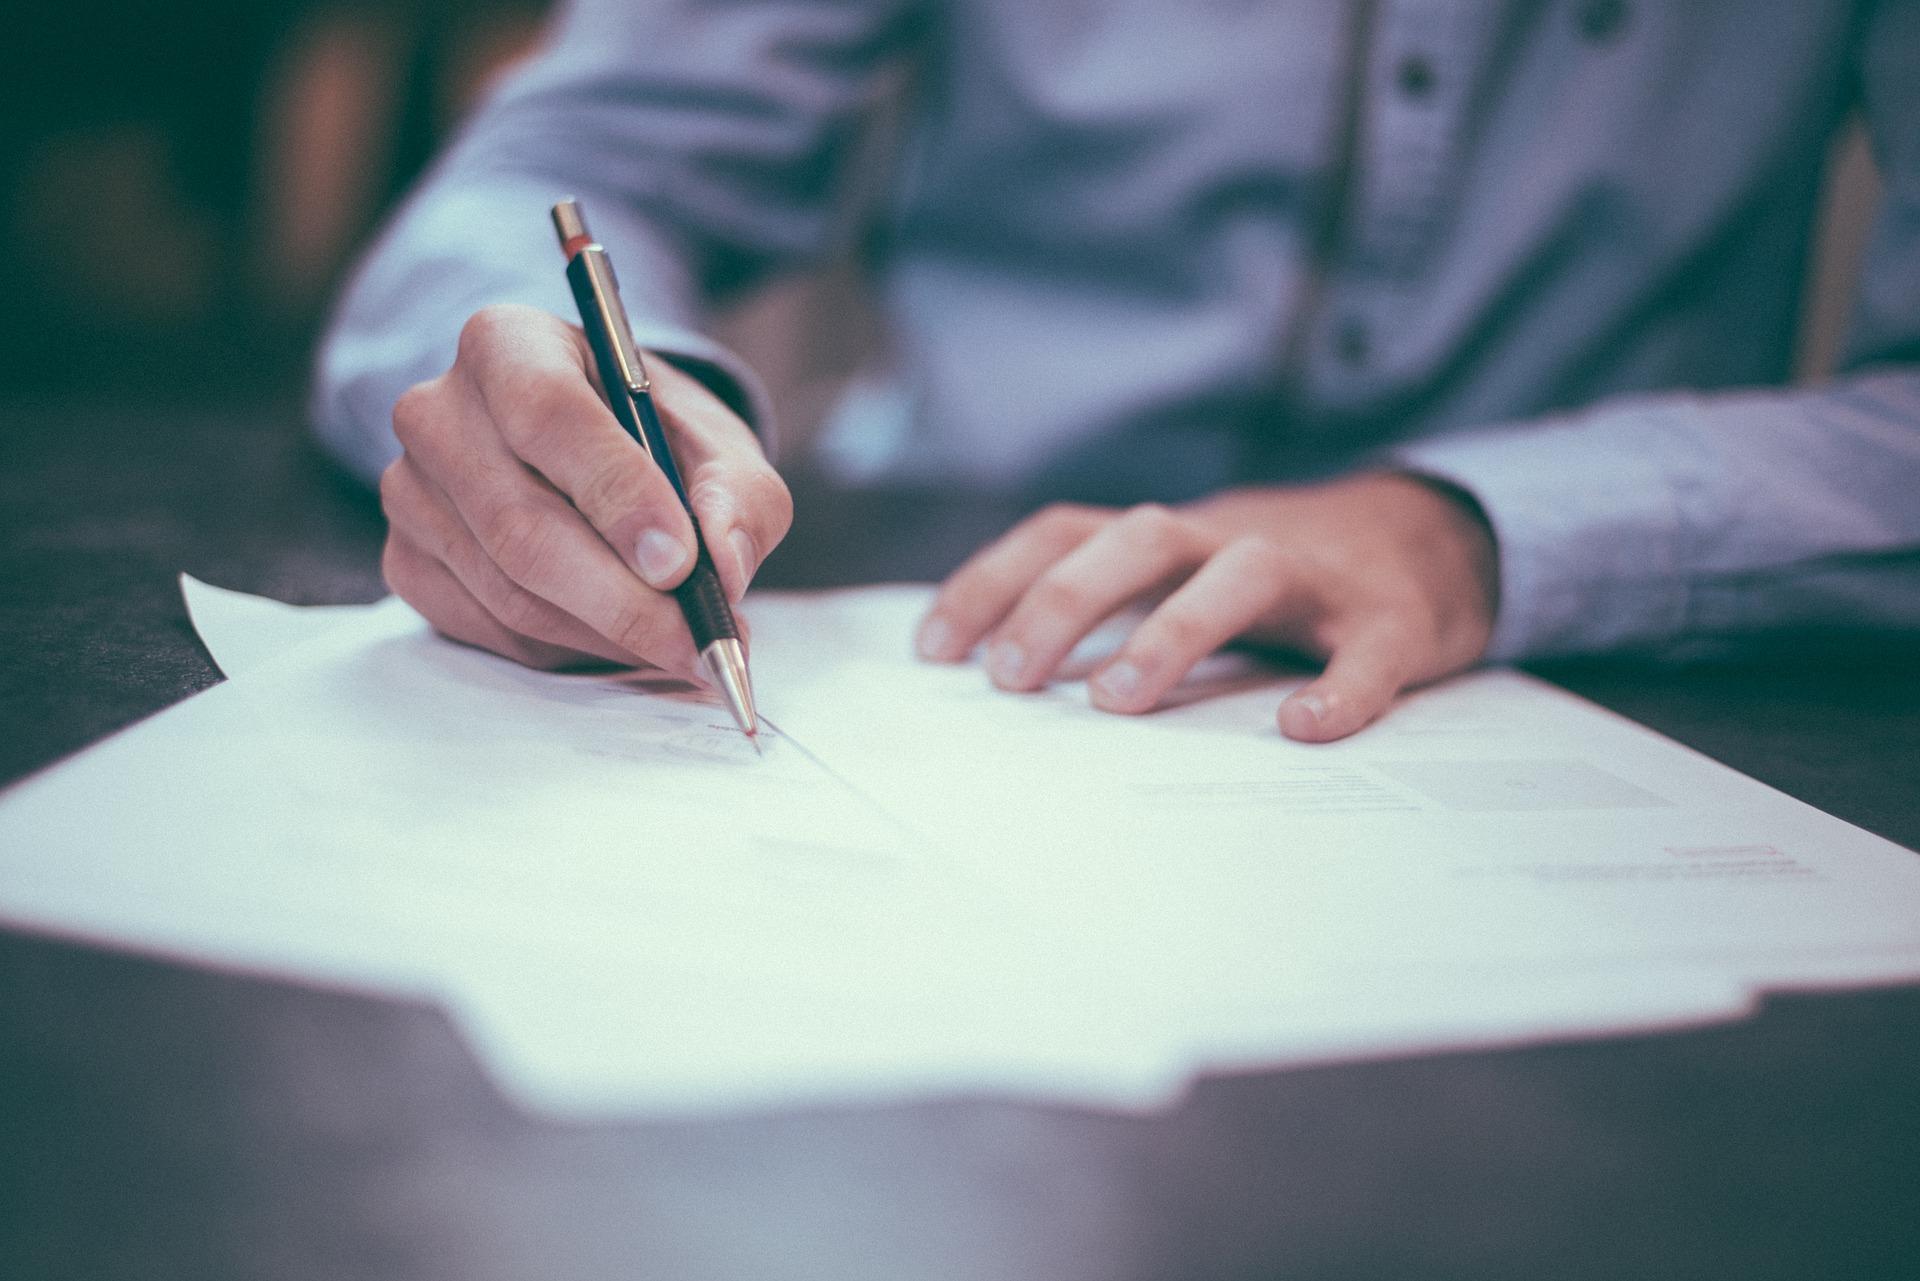 応募書類の基本「履歴書」の作成のポイントと提出のしかた。のタイトル画像